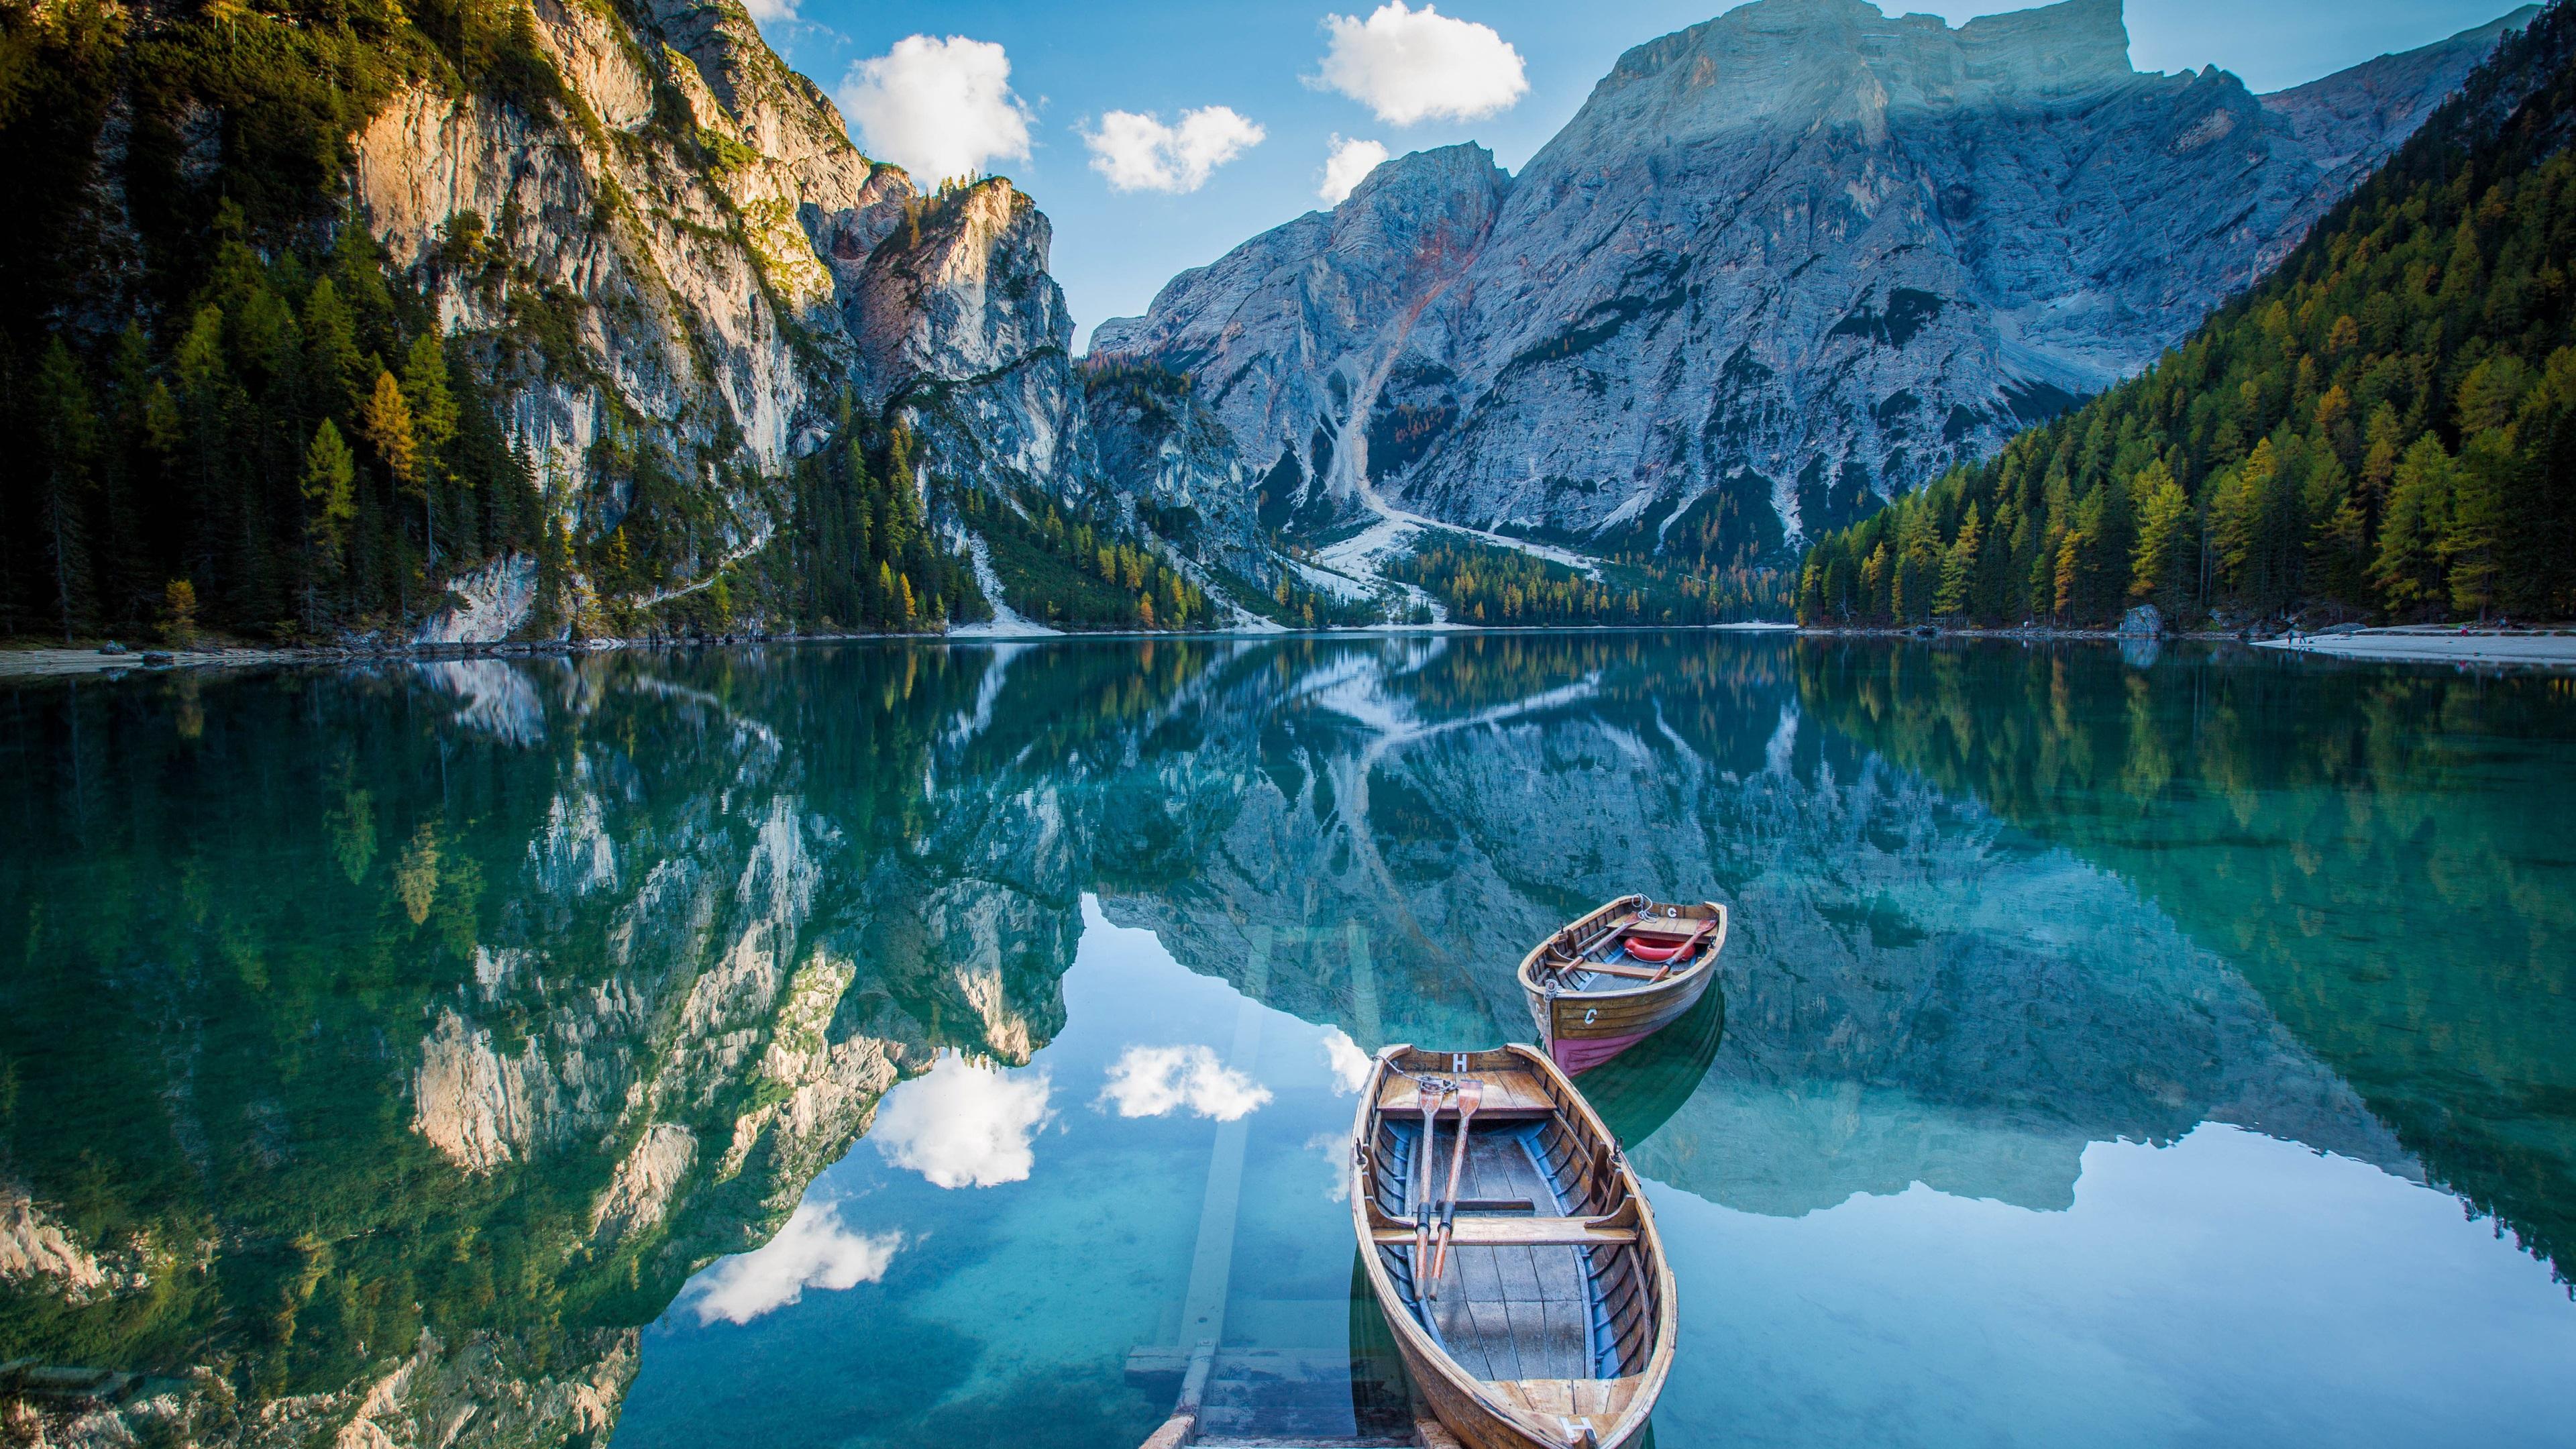 Fondos De Pantalla Lago Montañas Barcos Agua De Reflexión